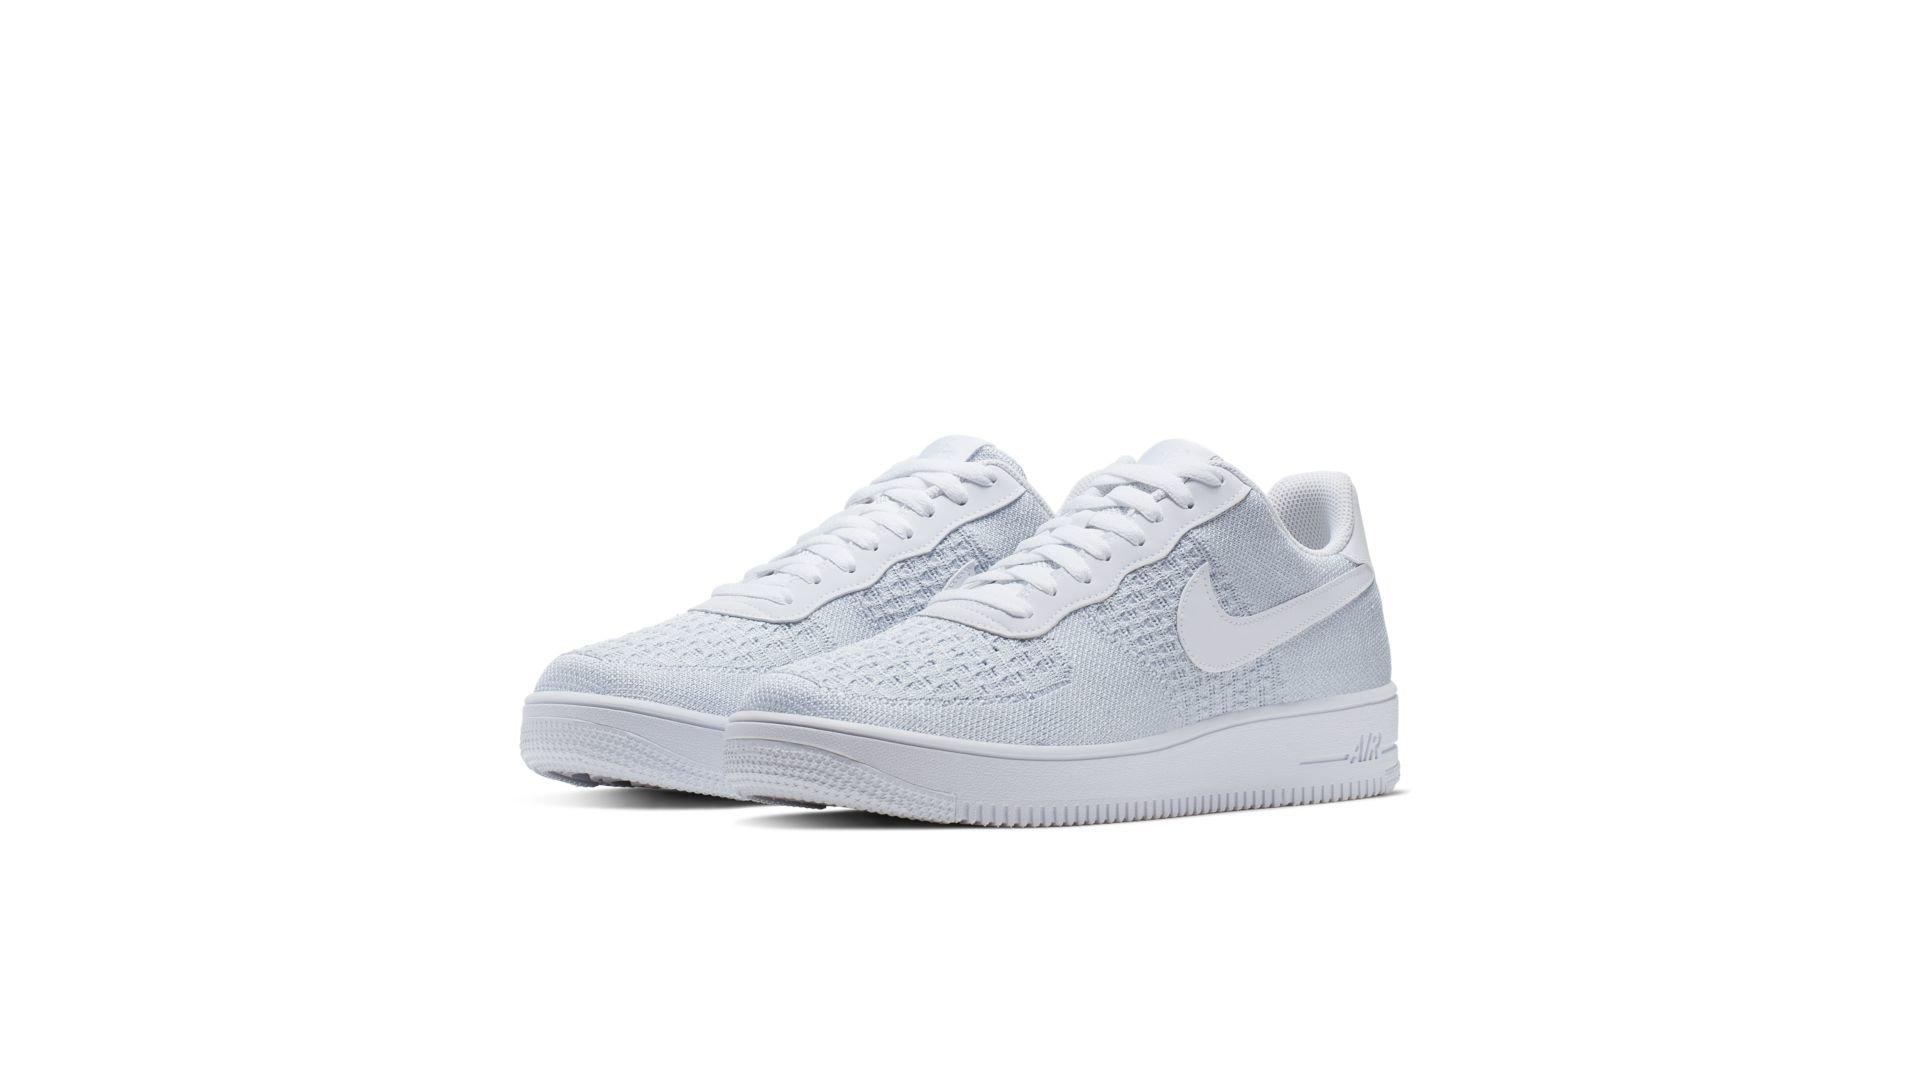 Nike Air Force 1 Flyknit 2 White Pure Platinum (AV3042 100)